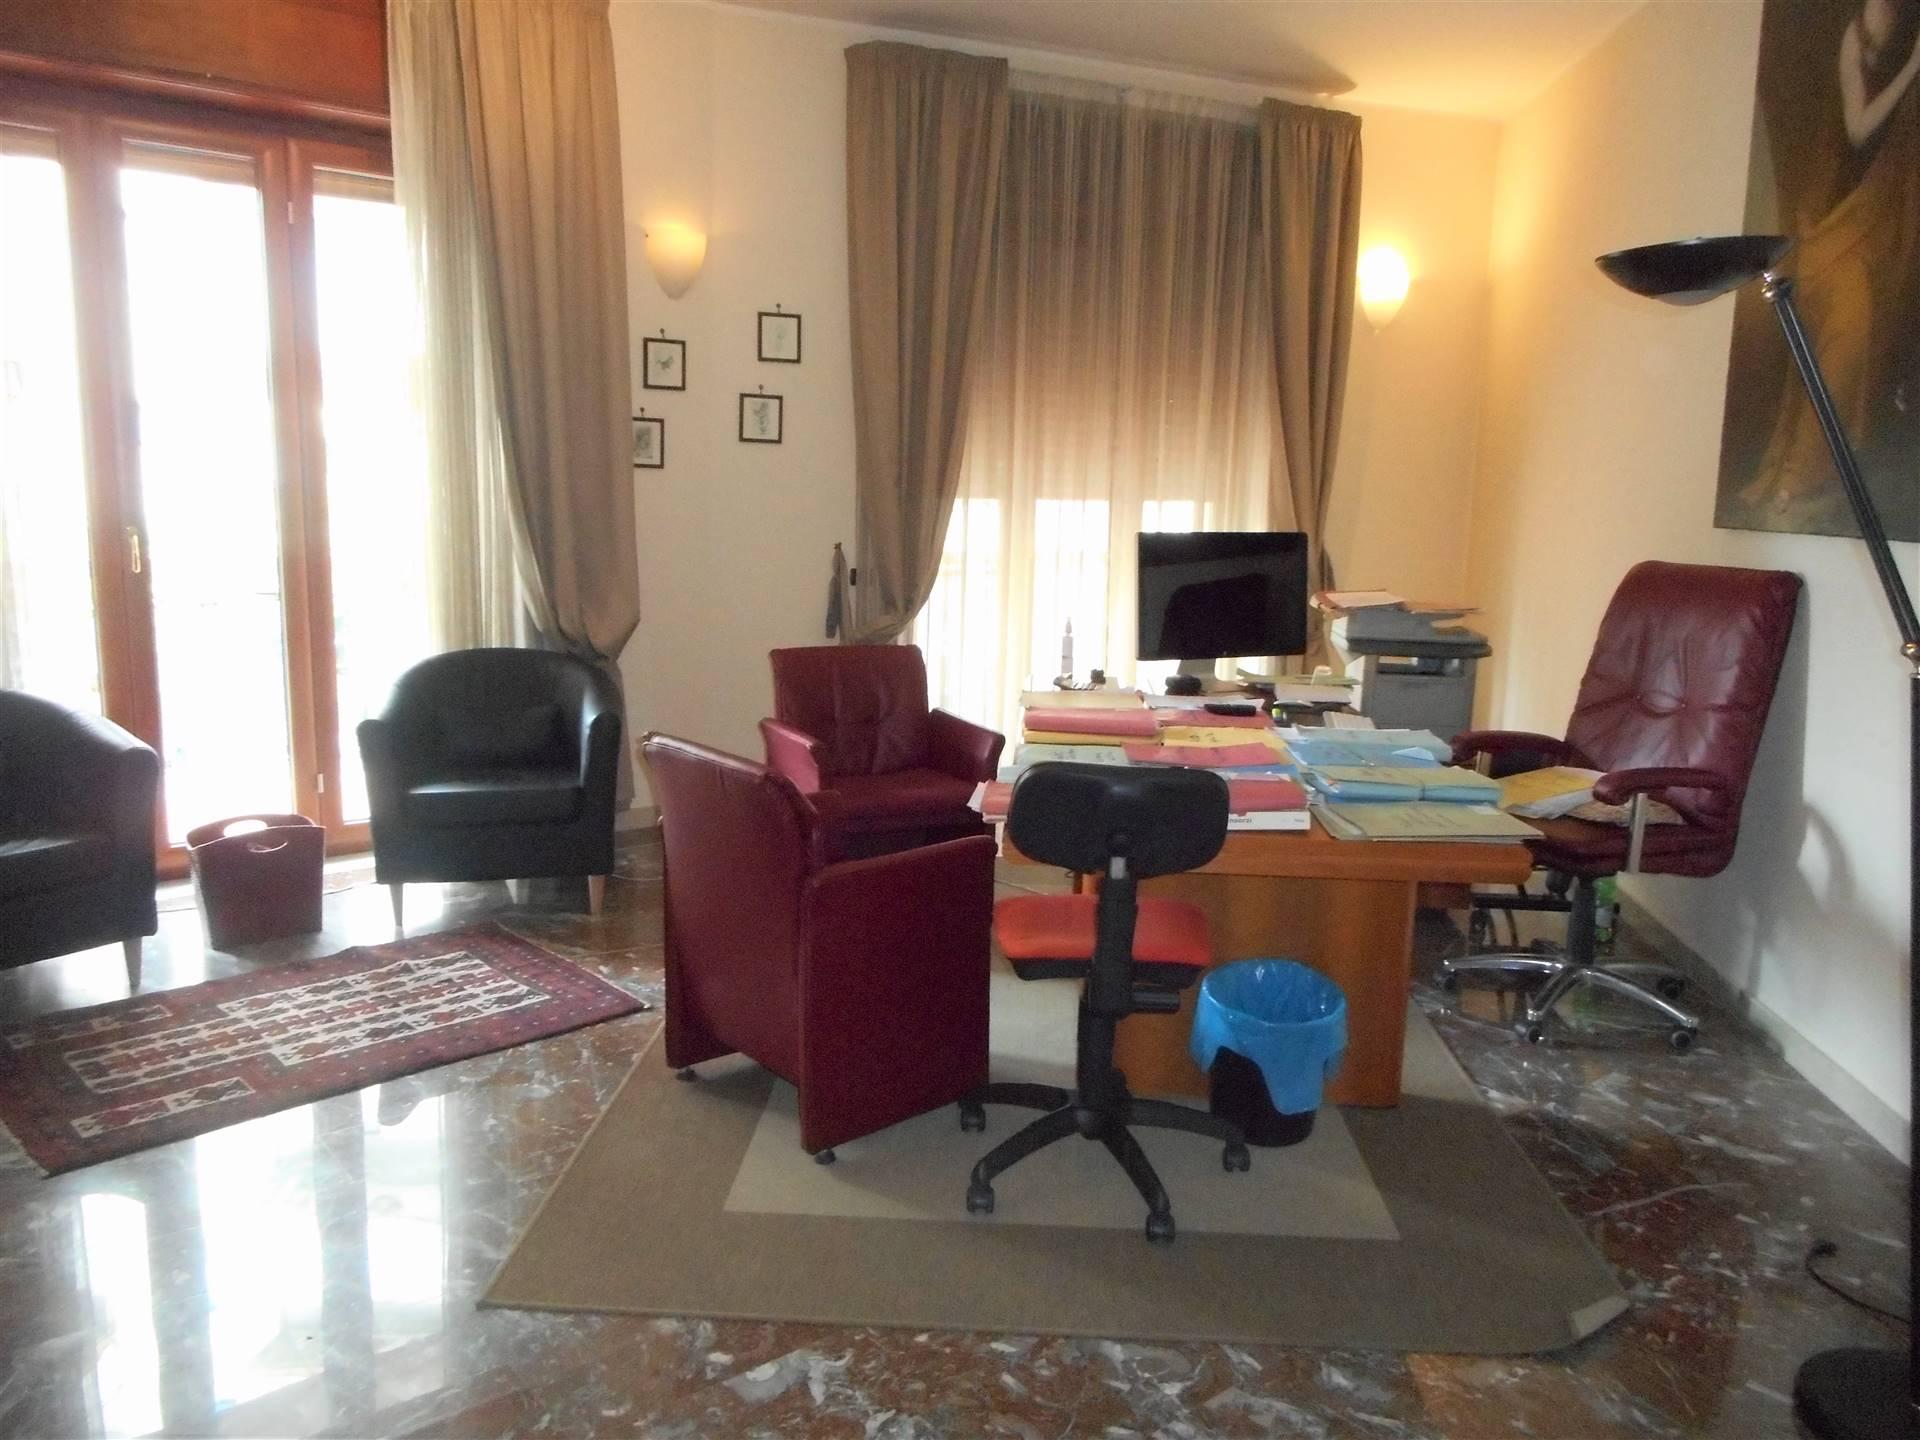 Appartamento ristrutturato, Salerno gelsi rossi , mobilio , guercio